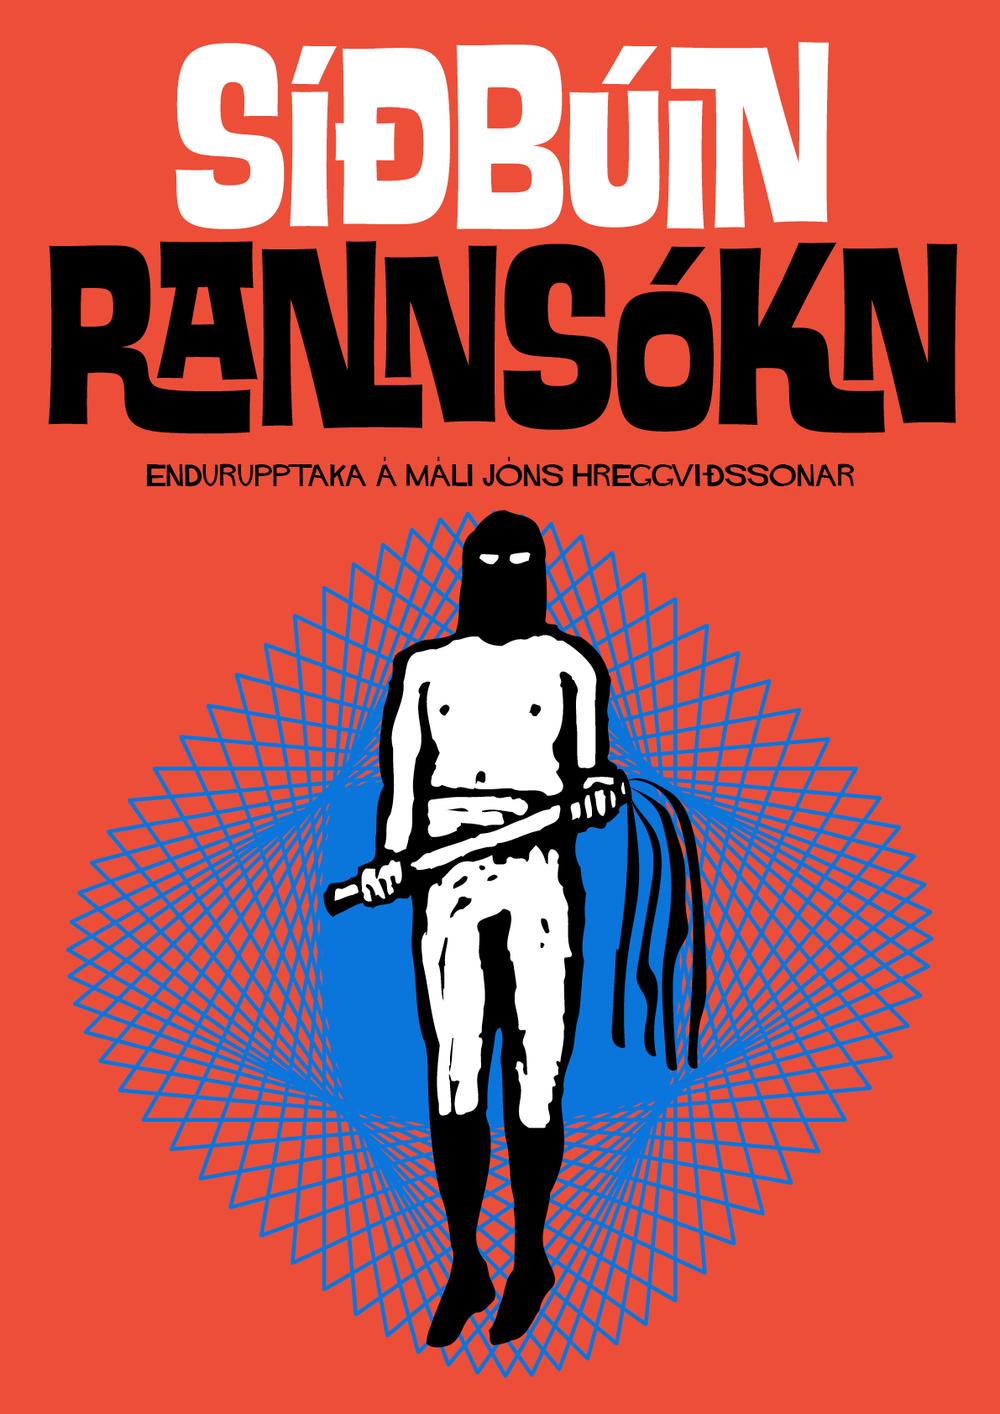 Síðbúinn-Rannsókn-A2.jpg